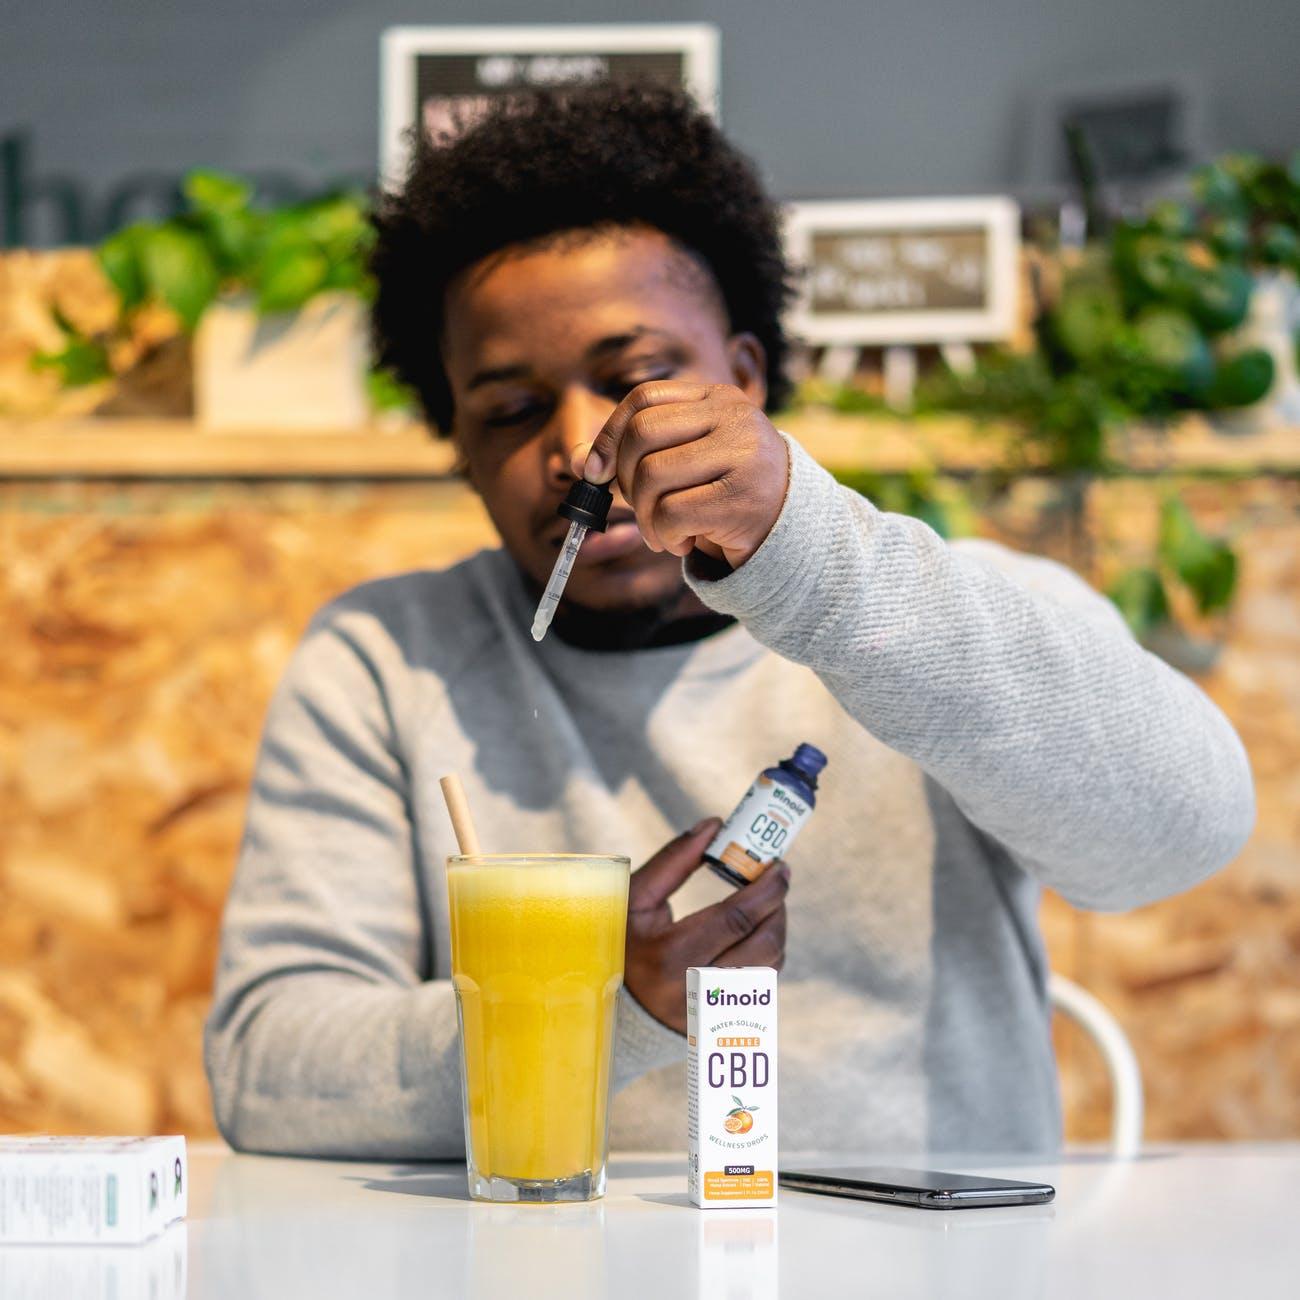 homme ajoute huile de cbd jus d'orange